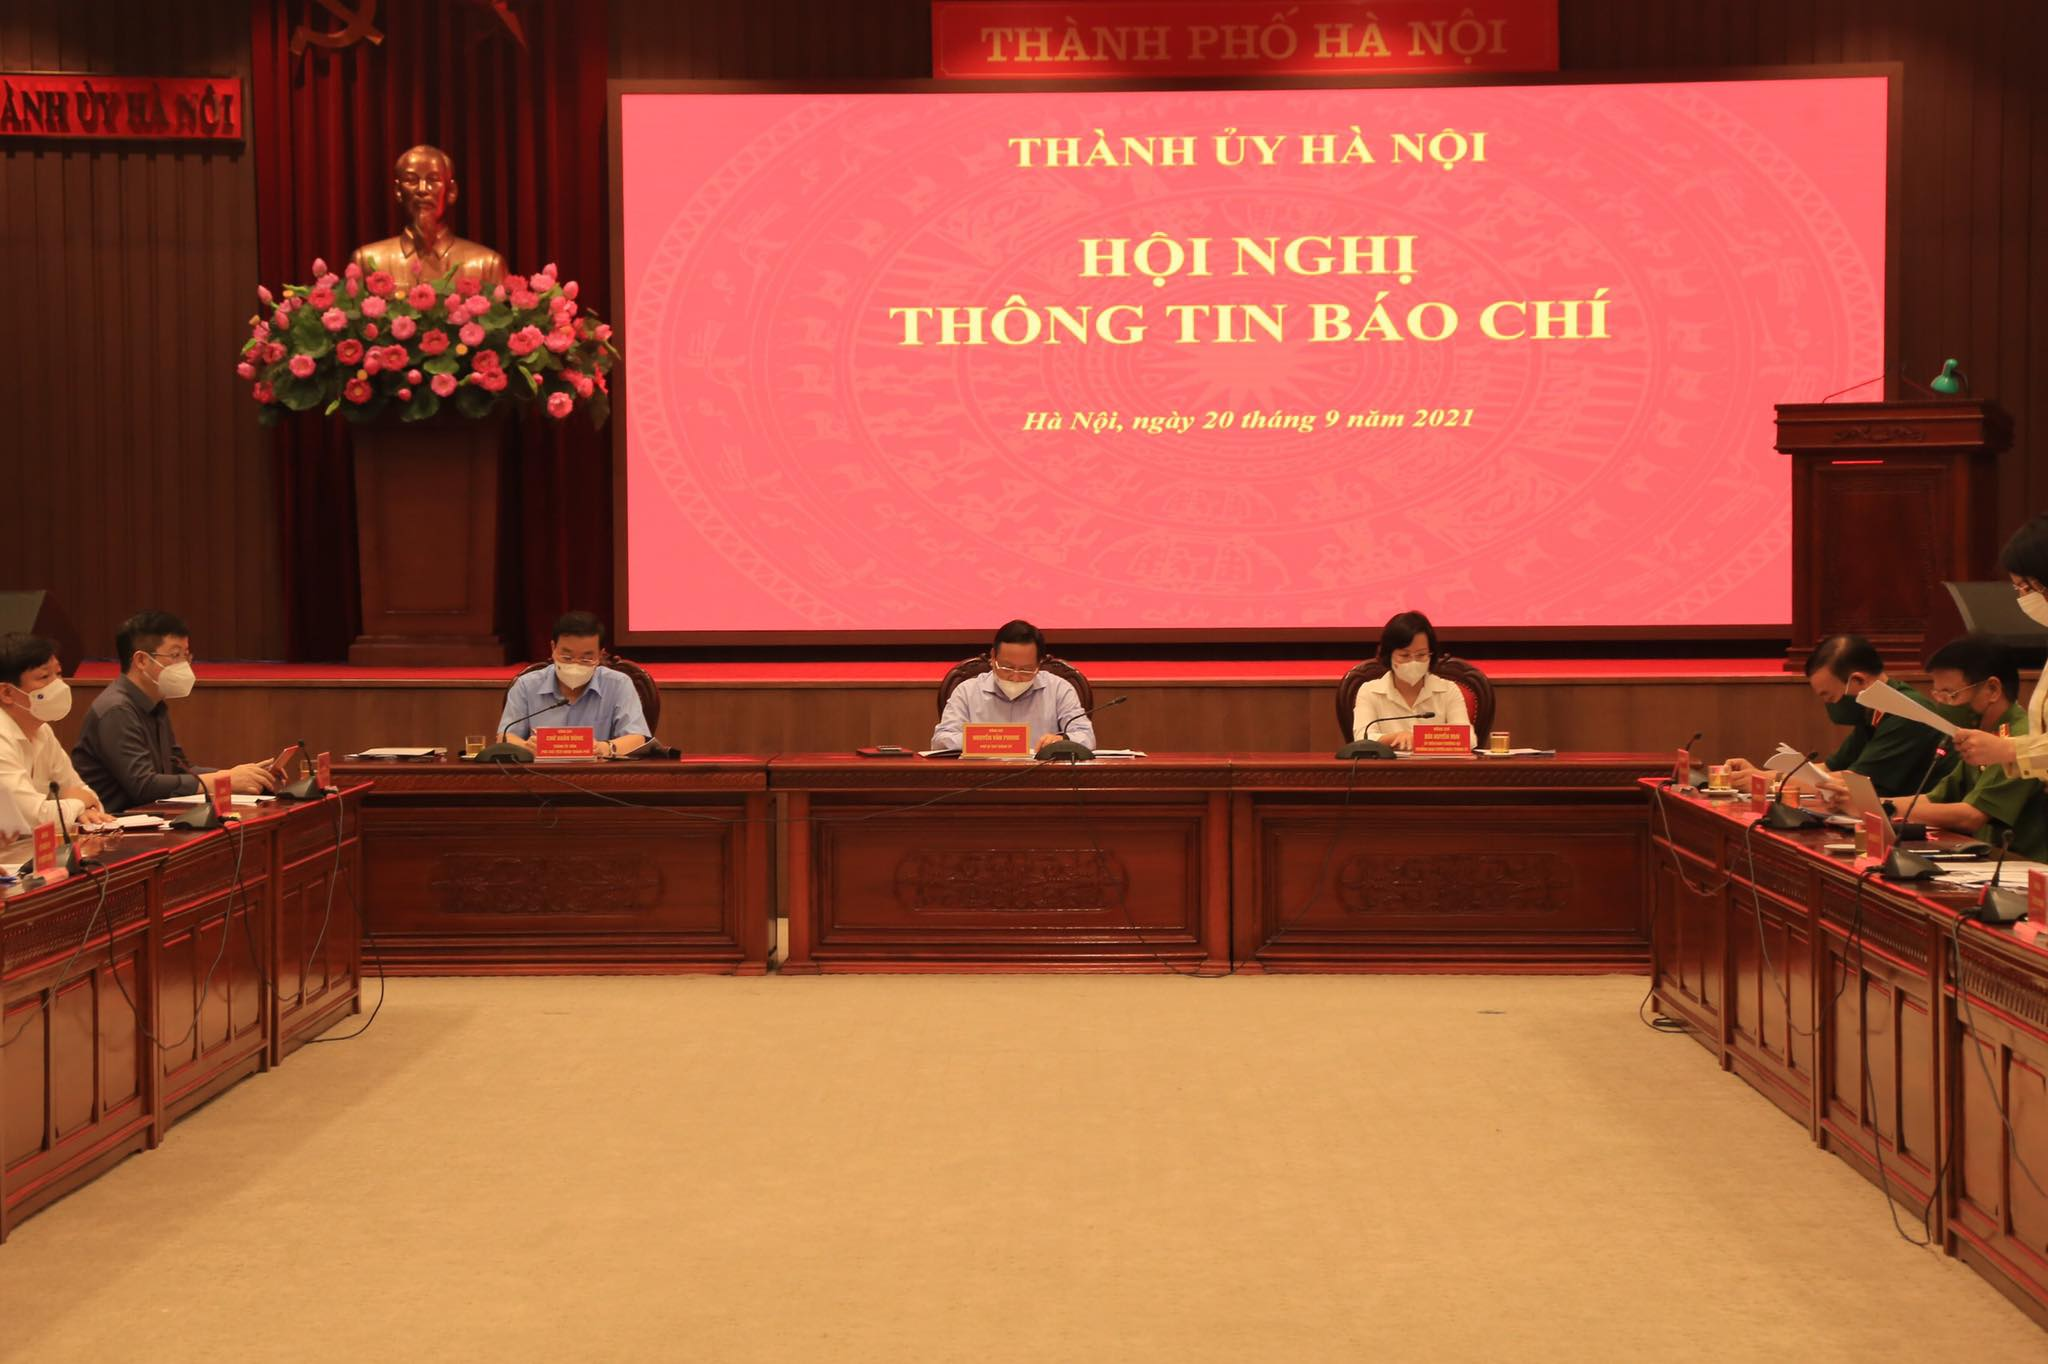 Phó Chủ tịch TP.Hà Nội: Thành phố không áp dụng giấy đi đường sau 6h ngày 21/9 - 1